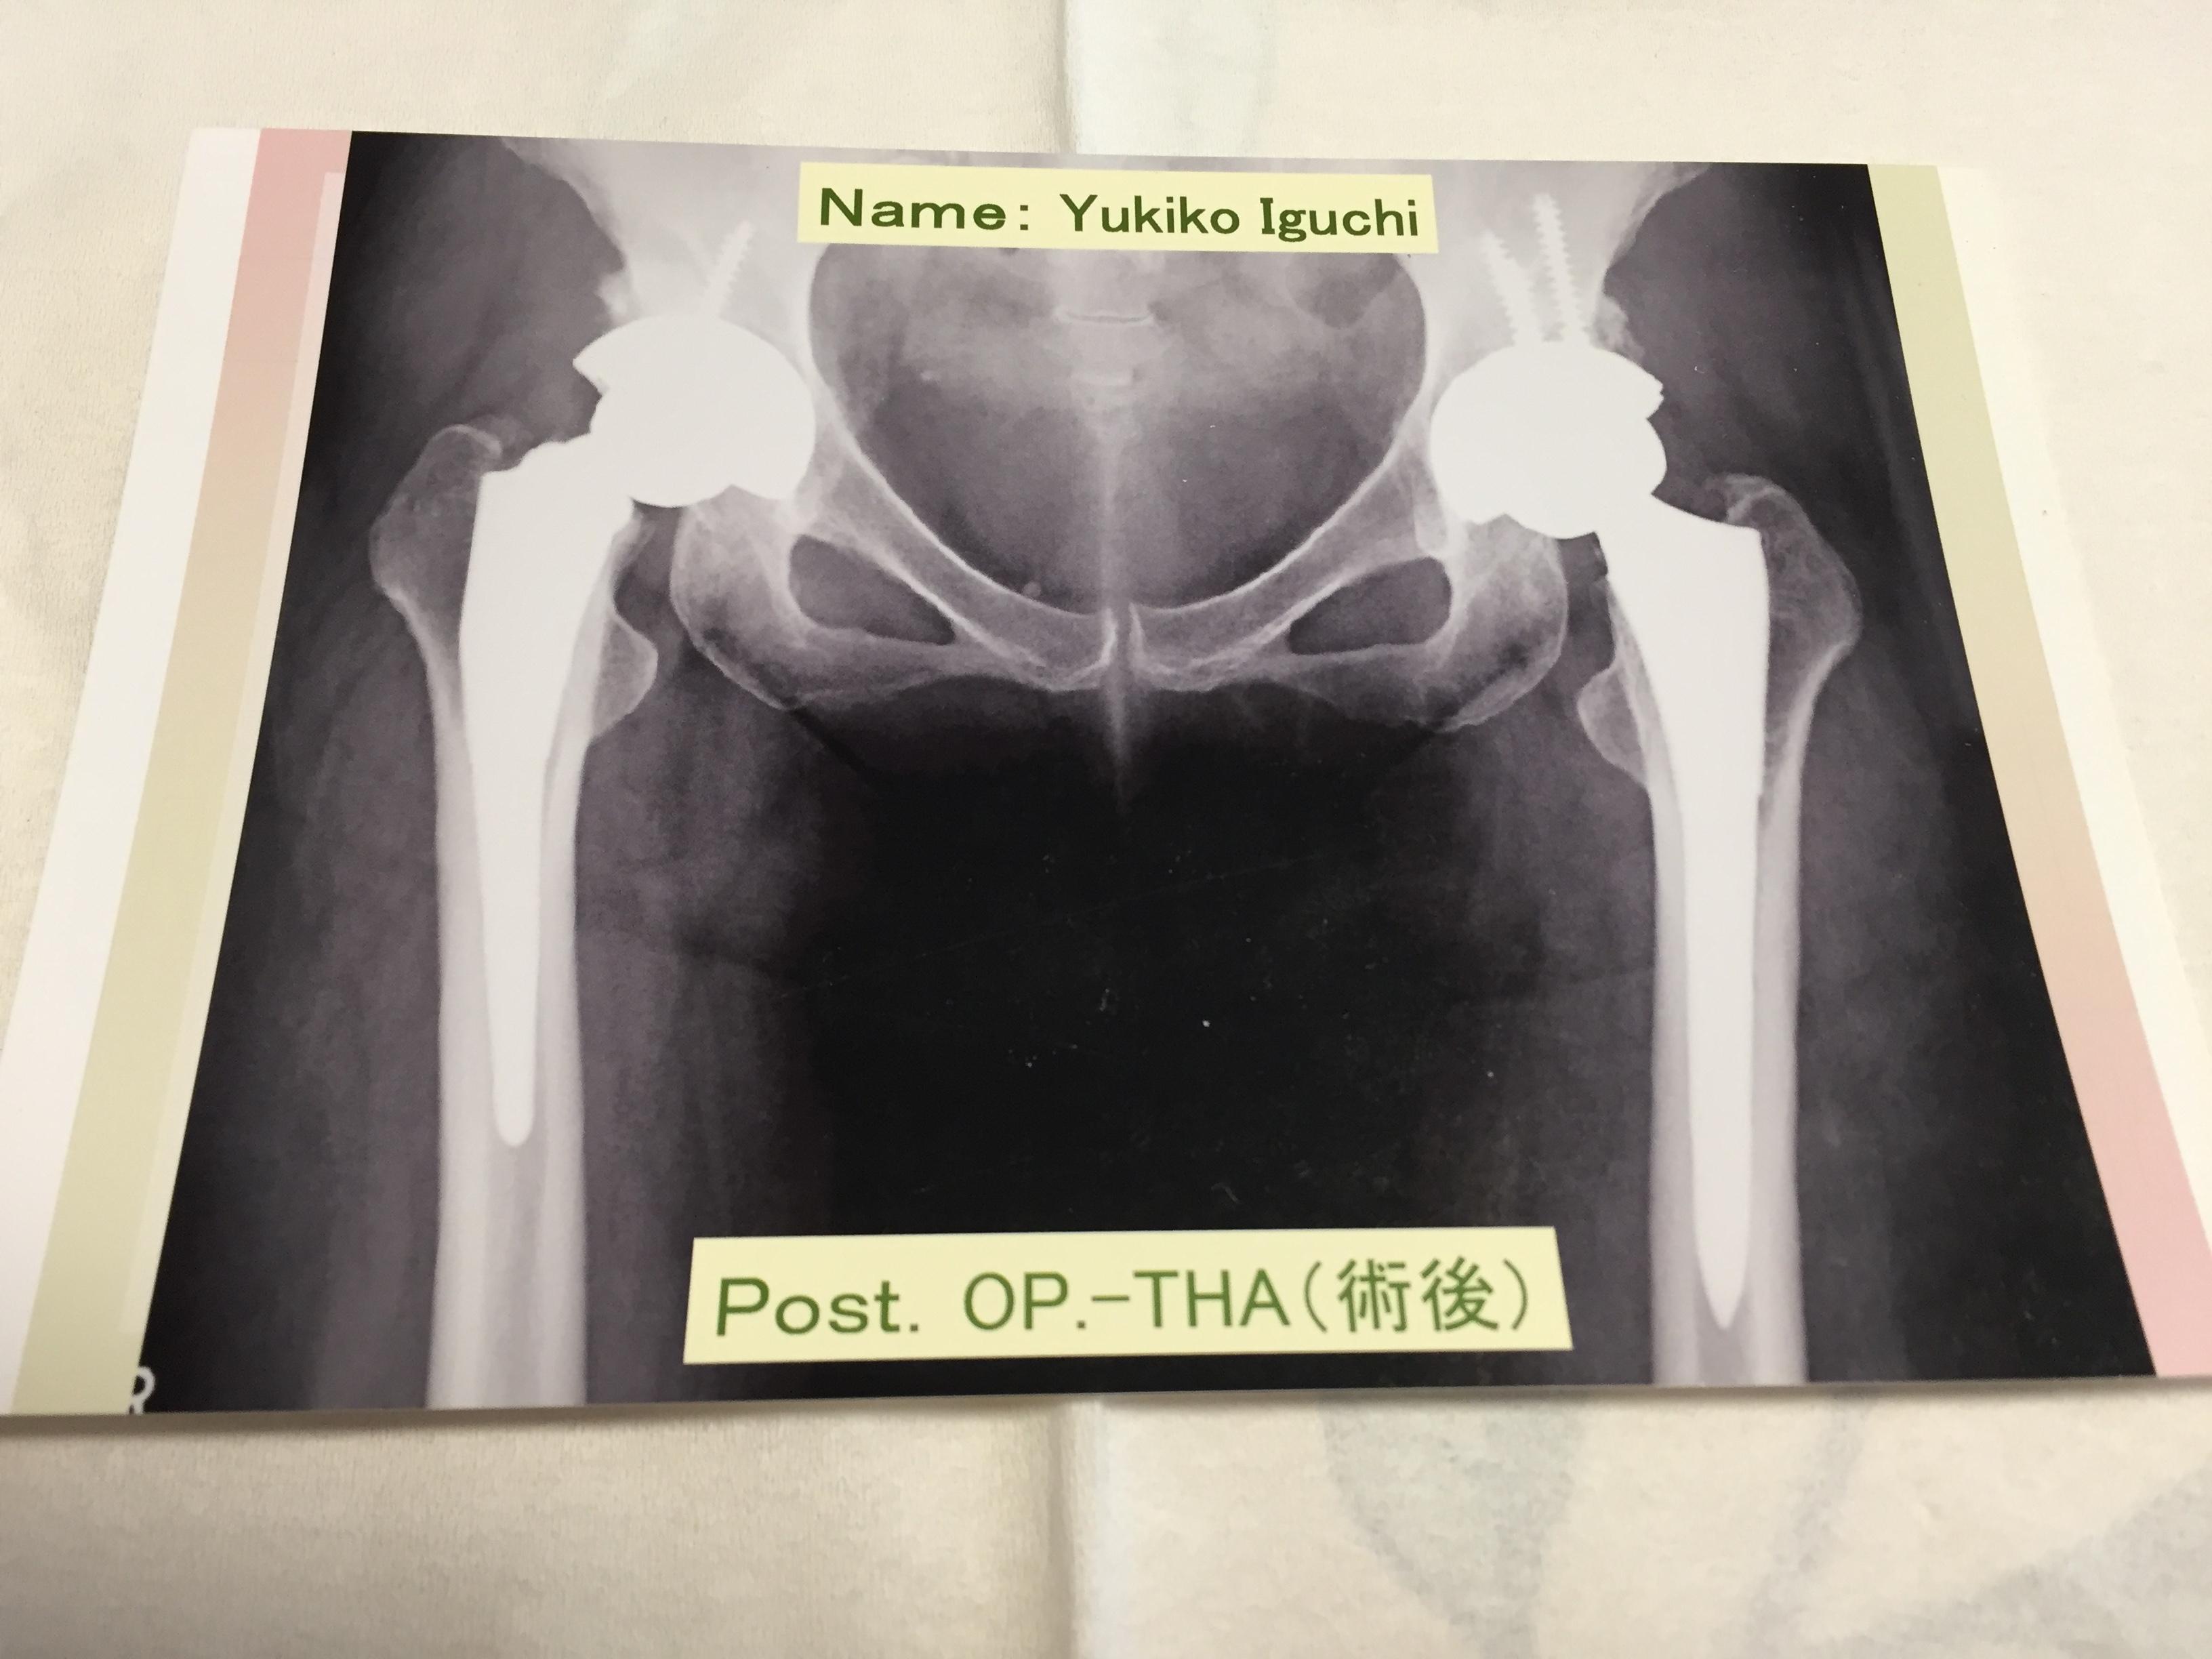 【変形性股関節症】人工股関節再置換術について